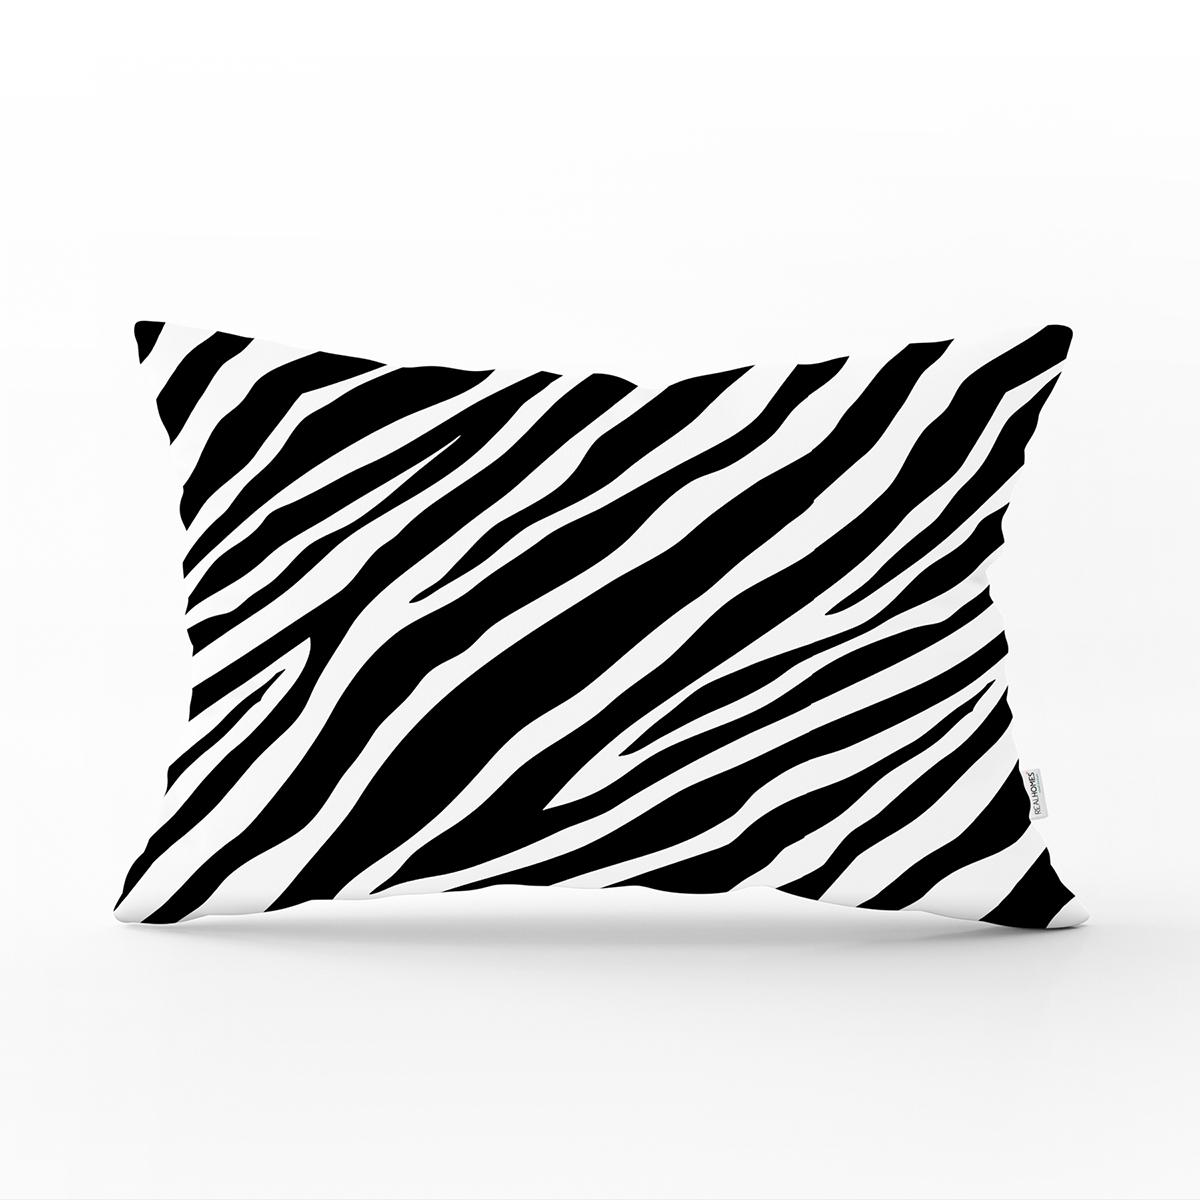 Beyaz Zemin Üzerinde Zebra Desenli Dijital Baskılı Modern Dikdörtgen Yastık Kırlent Kılıfı Realhomes